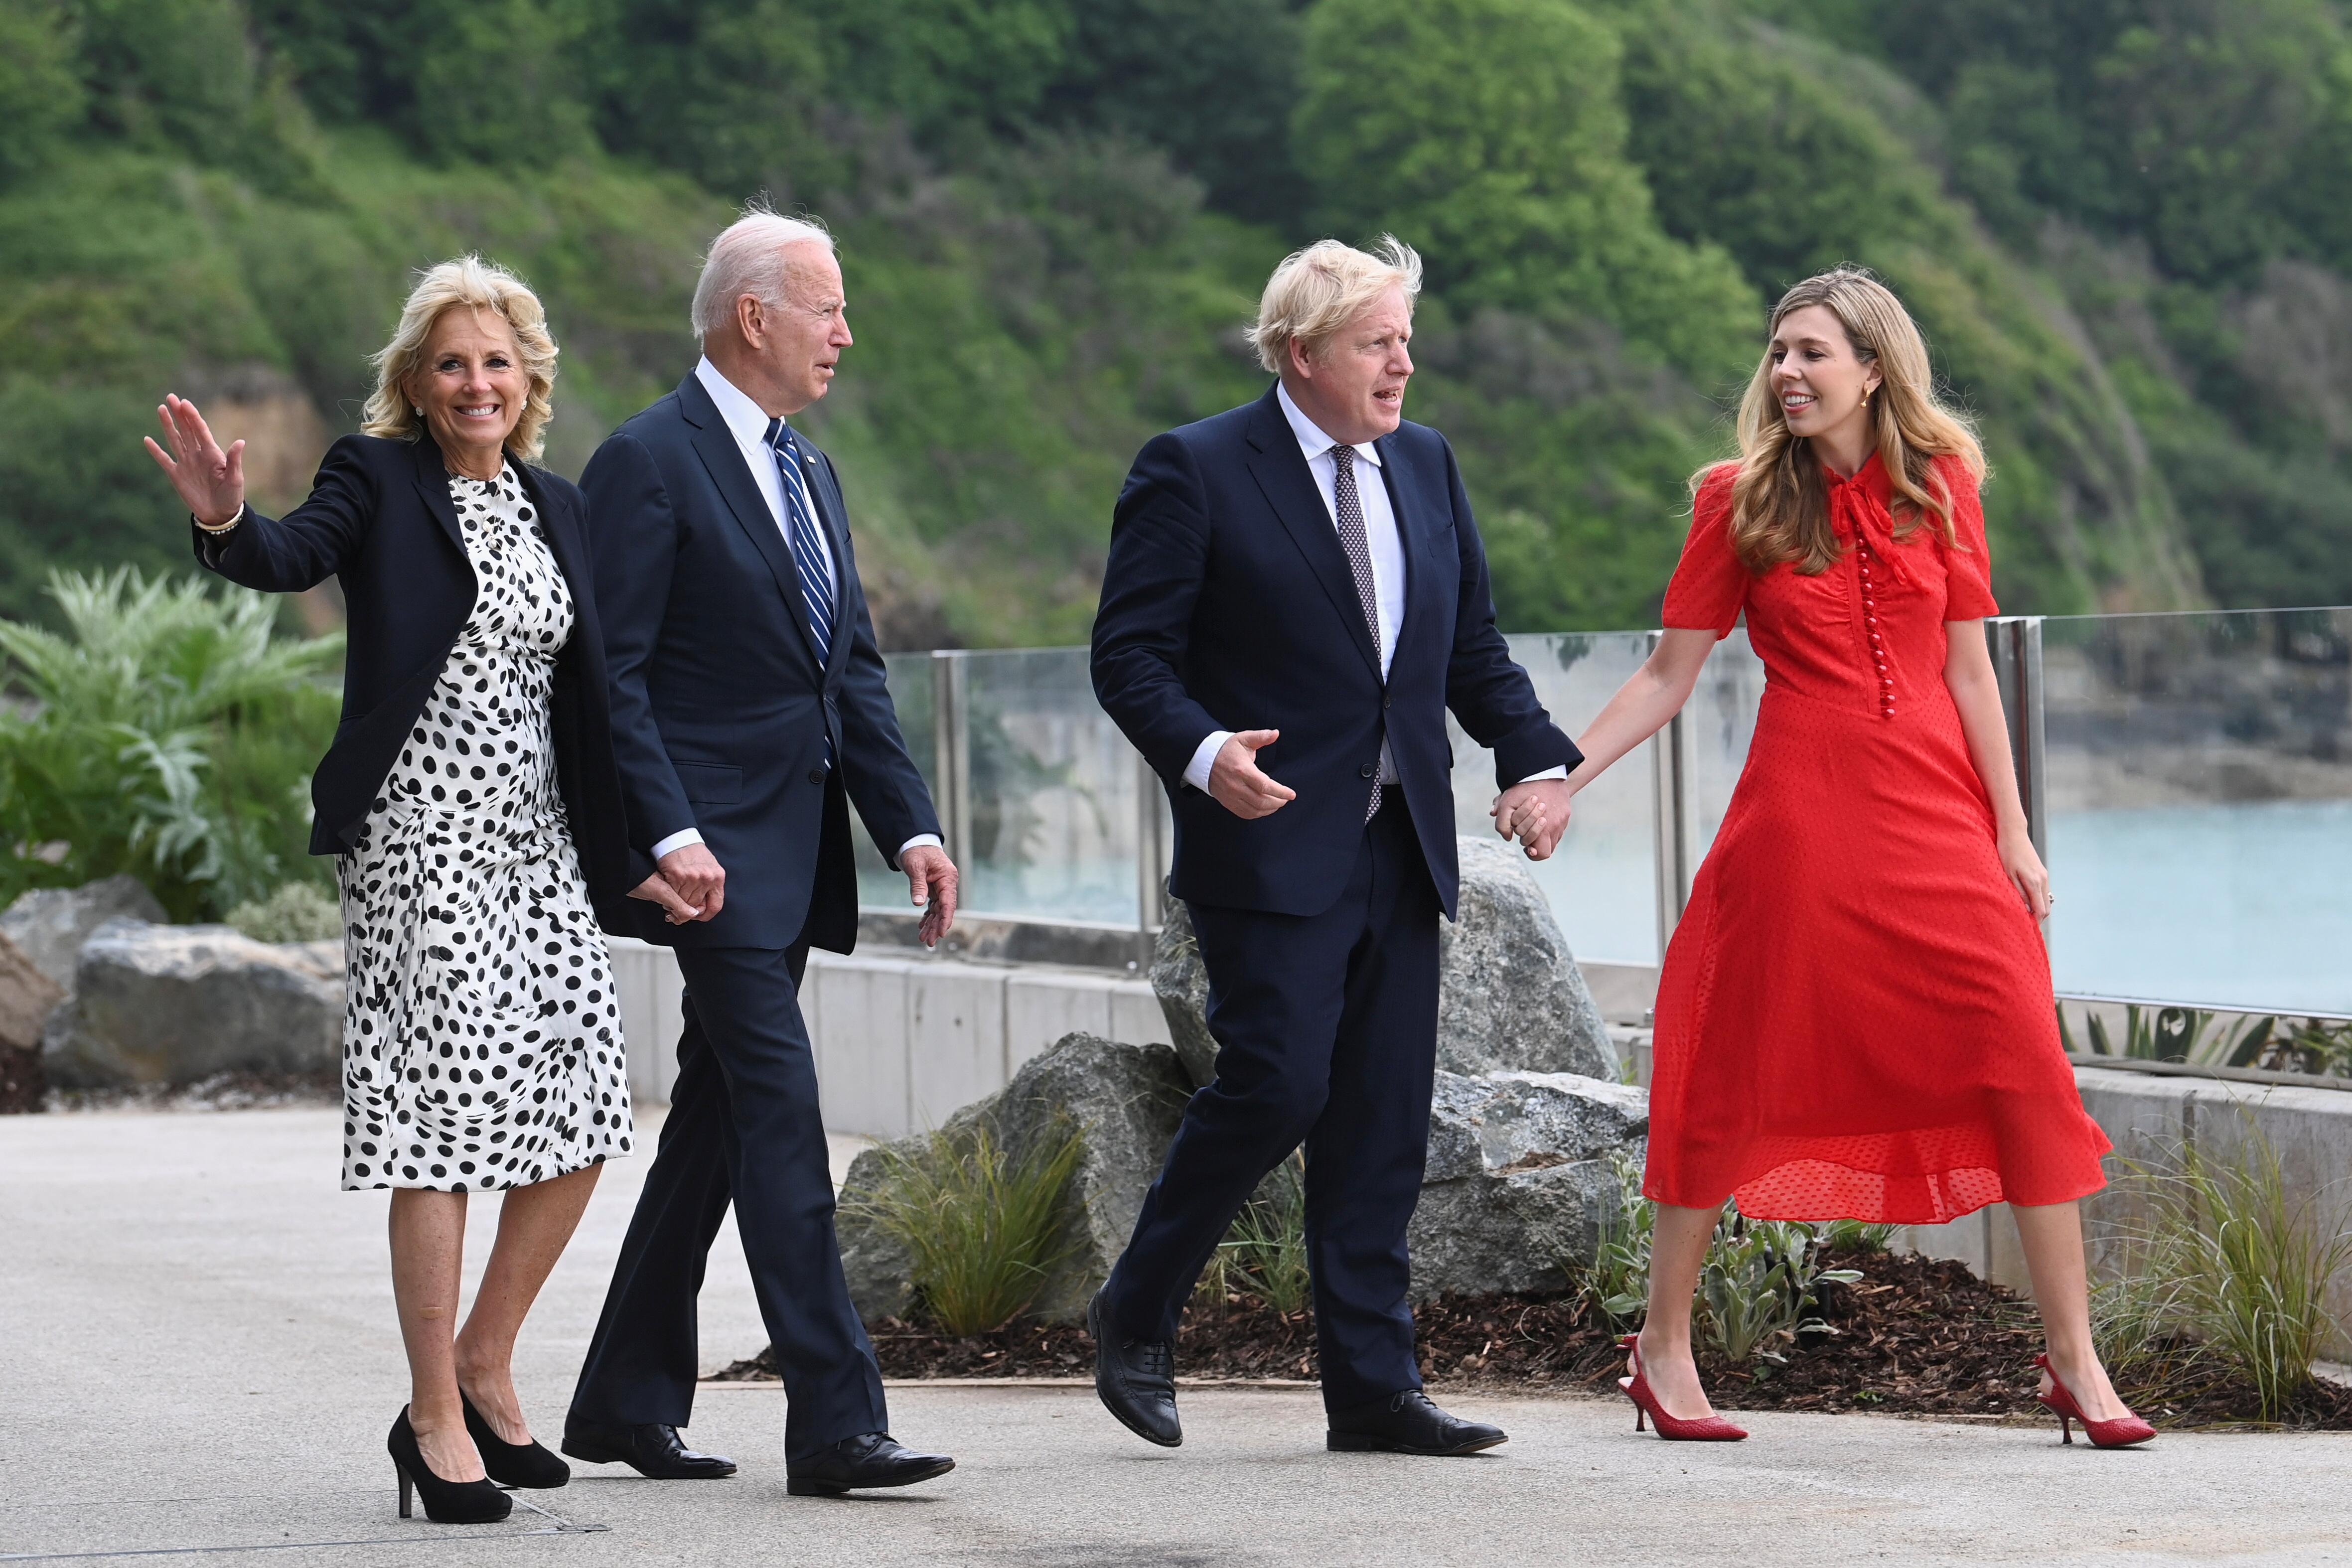 拜登(左2)与约翰逊(右2)偕同他们的夫人一同去到海边,欣赏英格兰南部圣艾夫斯湾海景。-路透社-